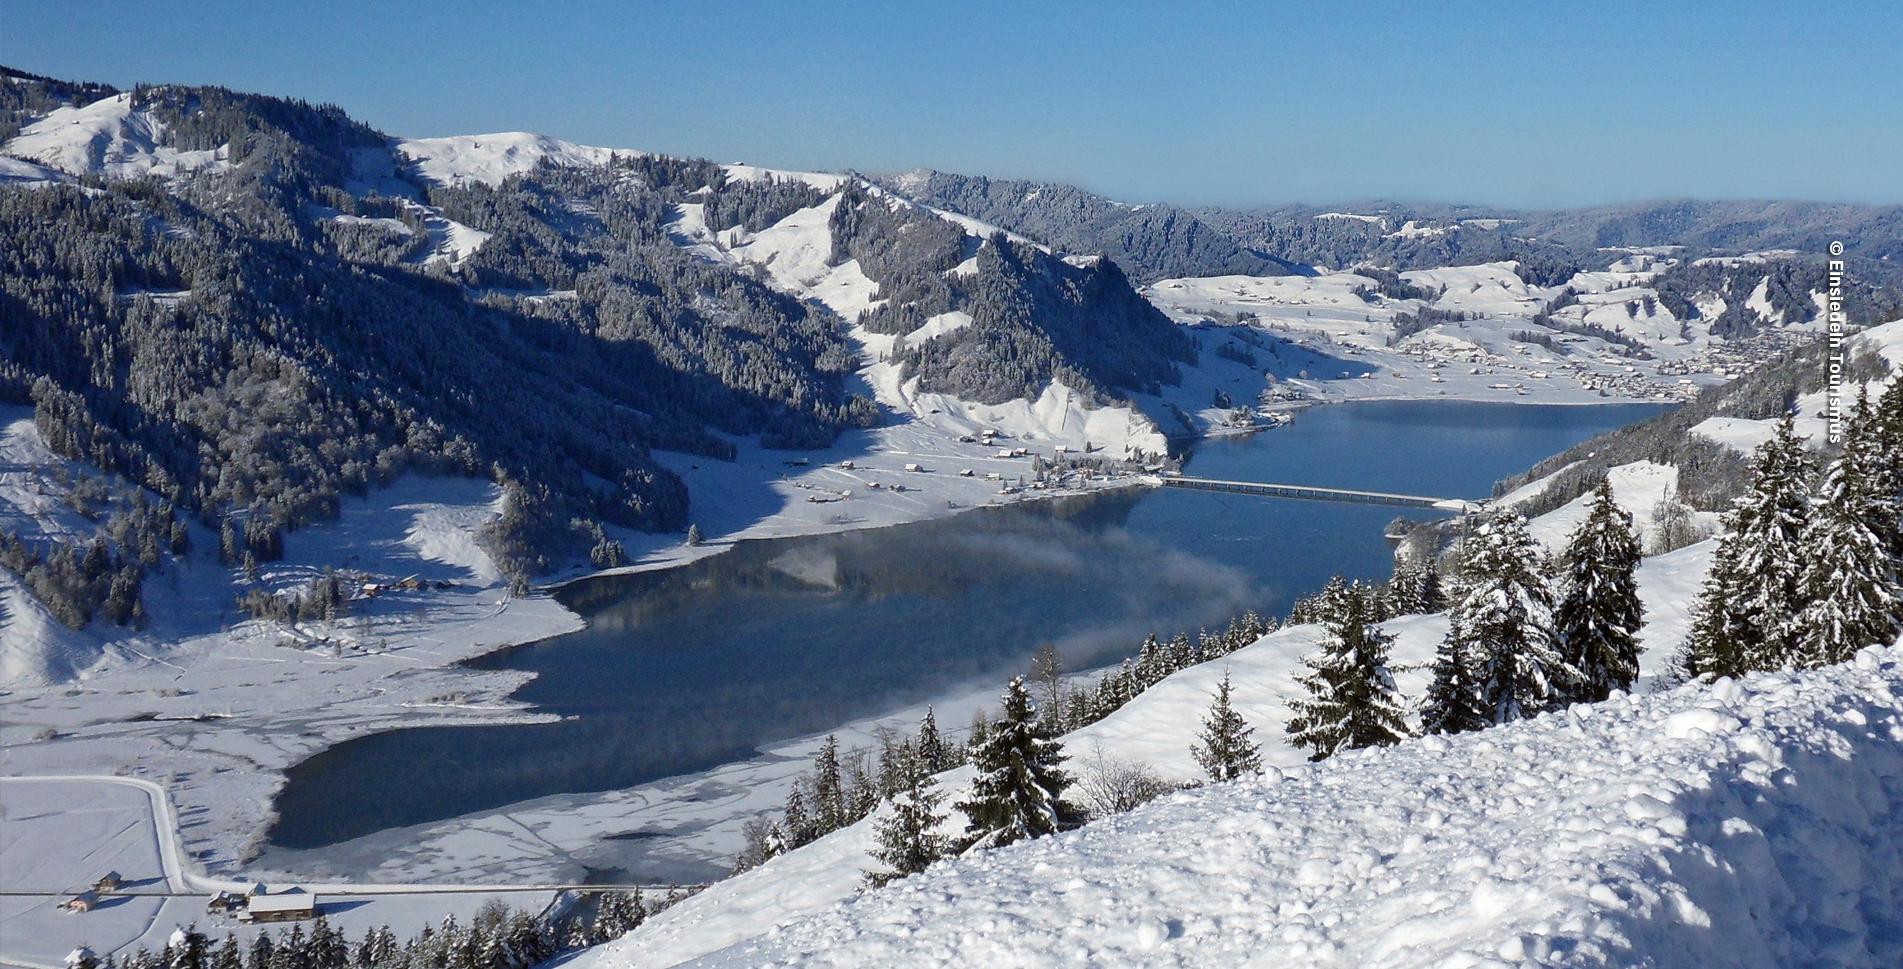 Schneeschuhtour von Euthal am Sihlsee auf dem Chlosterweid-Schneeschuhtrail via Schweig und Chrummflüeli und wieder zurück nach Euthal